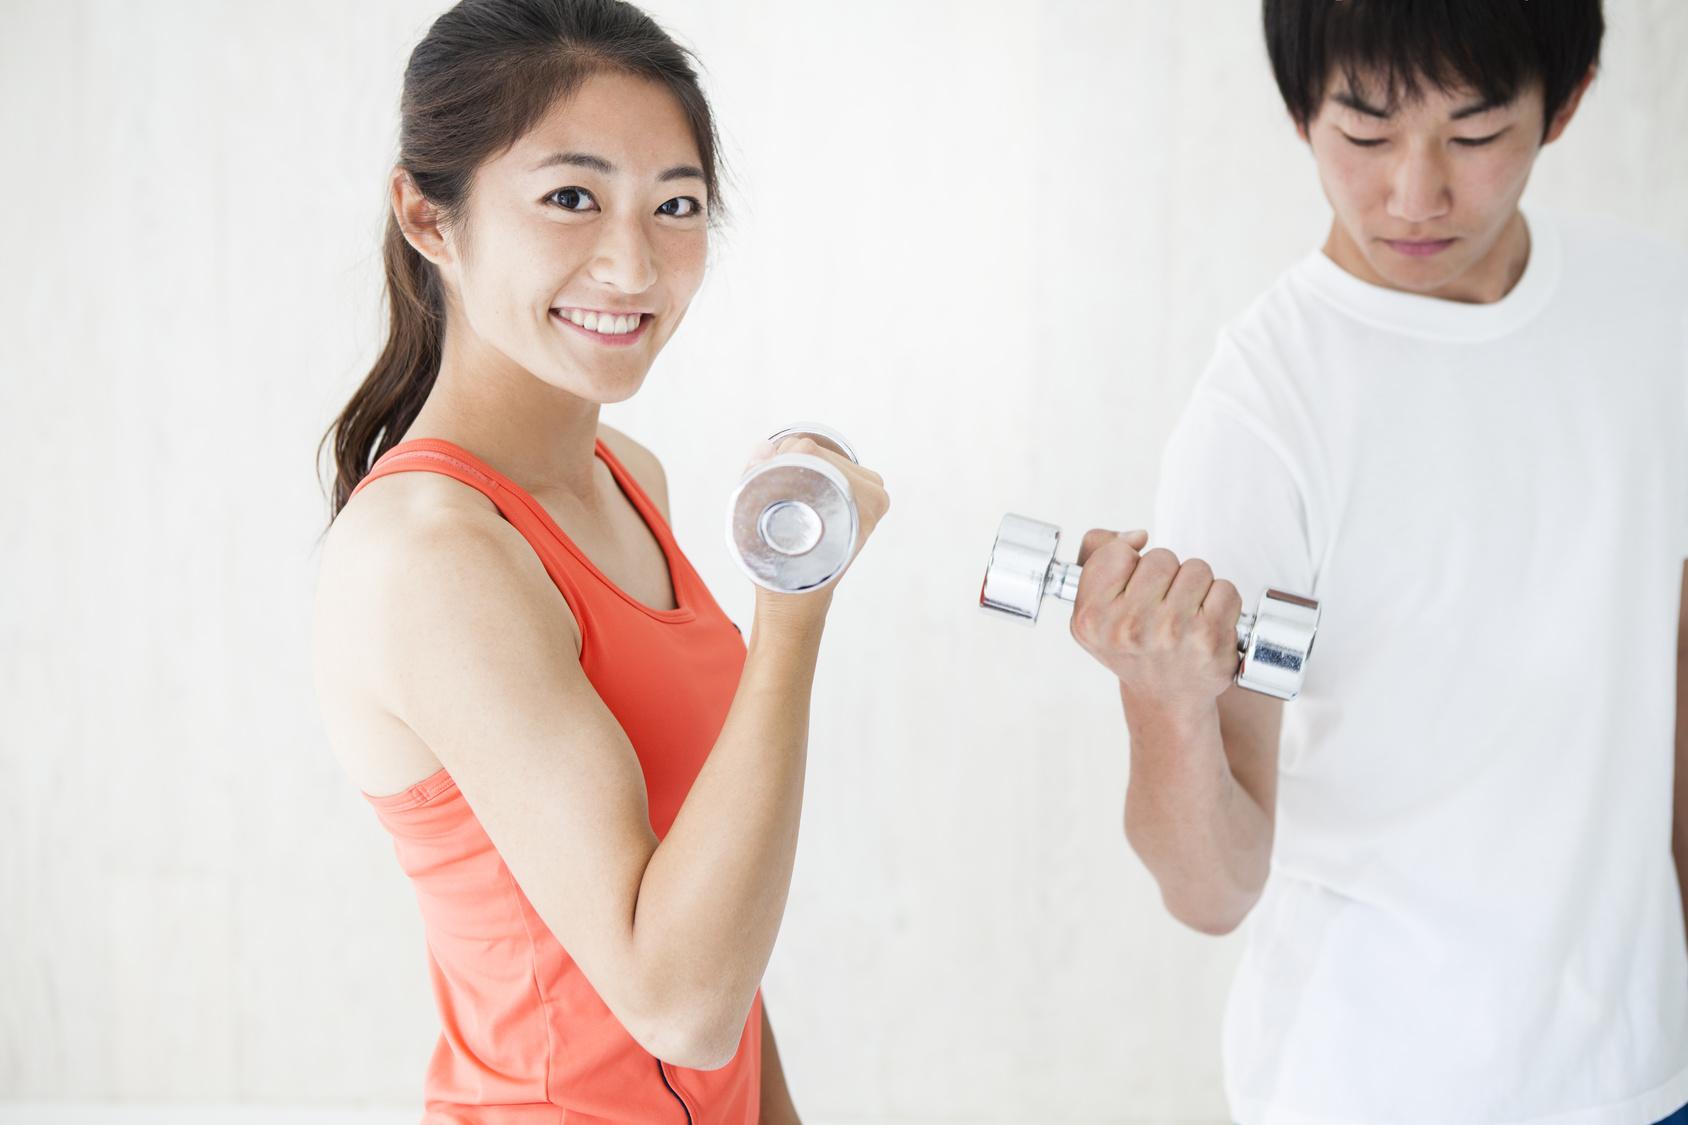 インナーマッスルの鍛え方(前編)